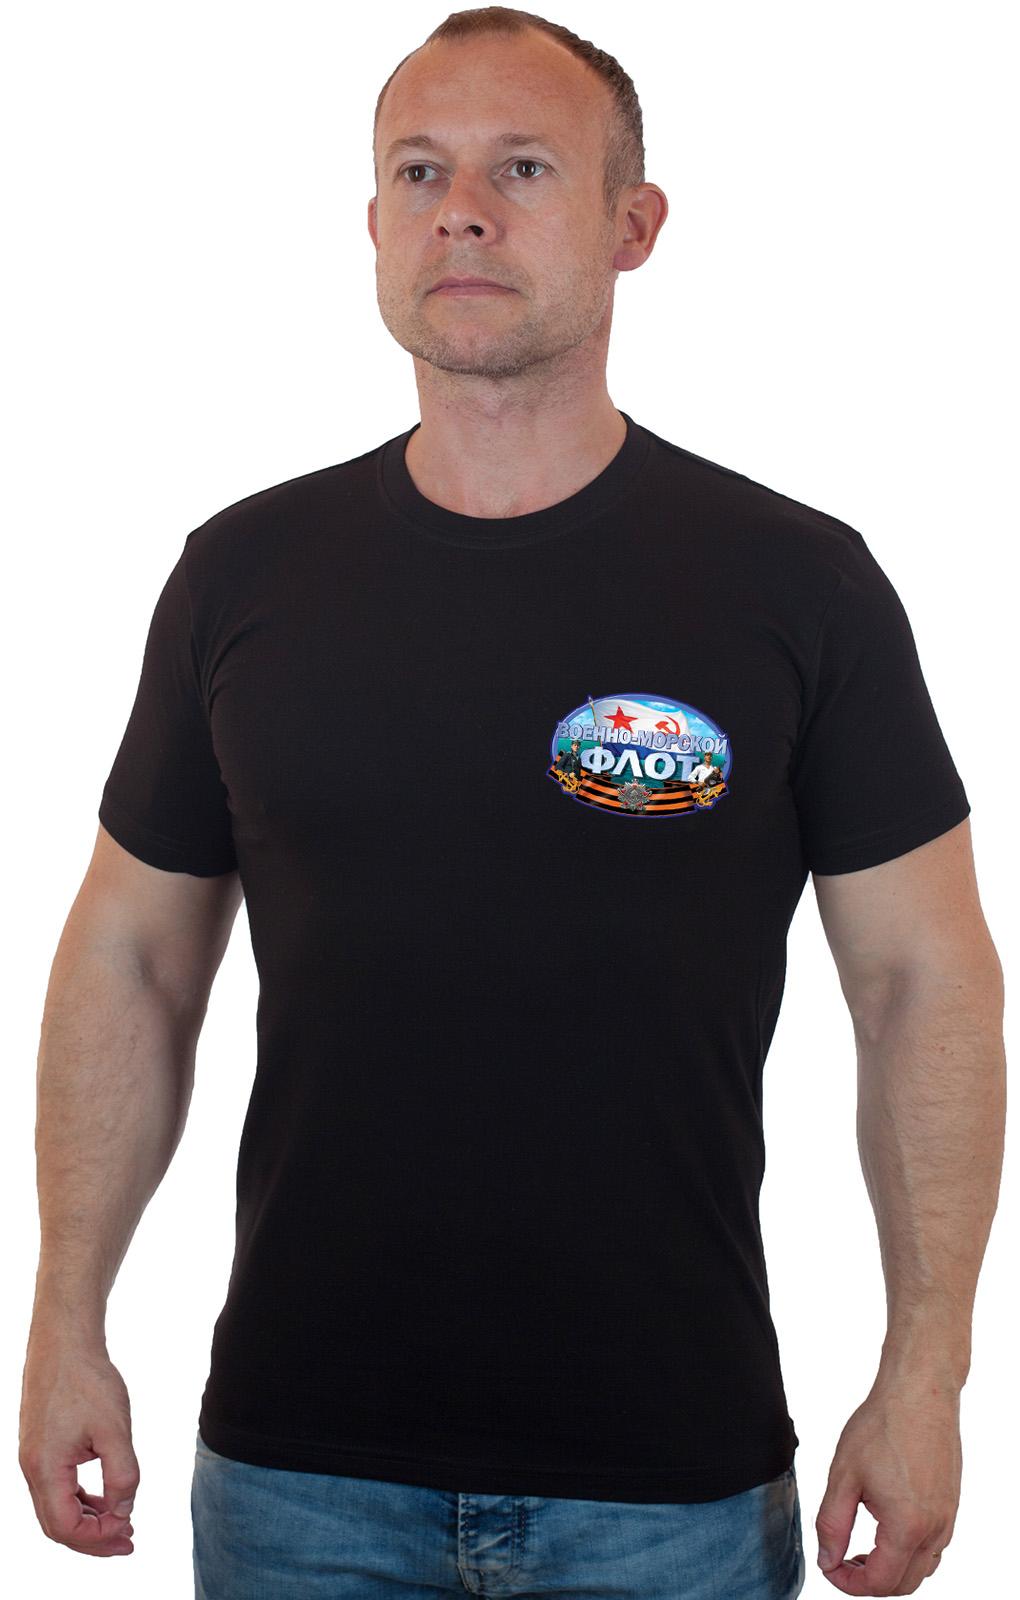 Купить с доставкой по Москве и России футболку ВМФ